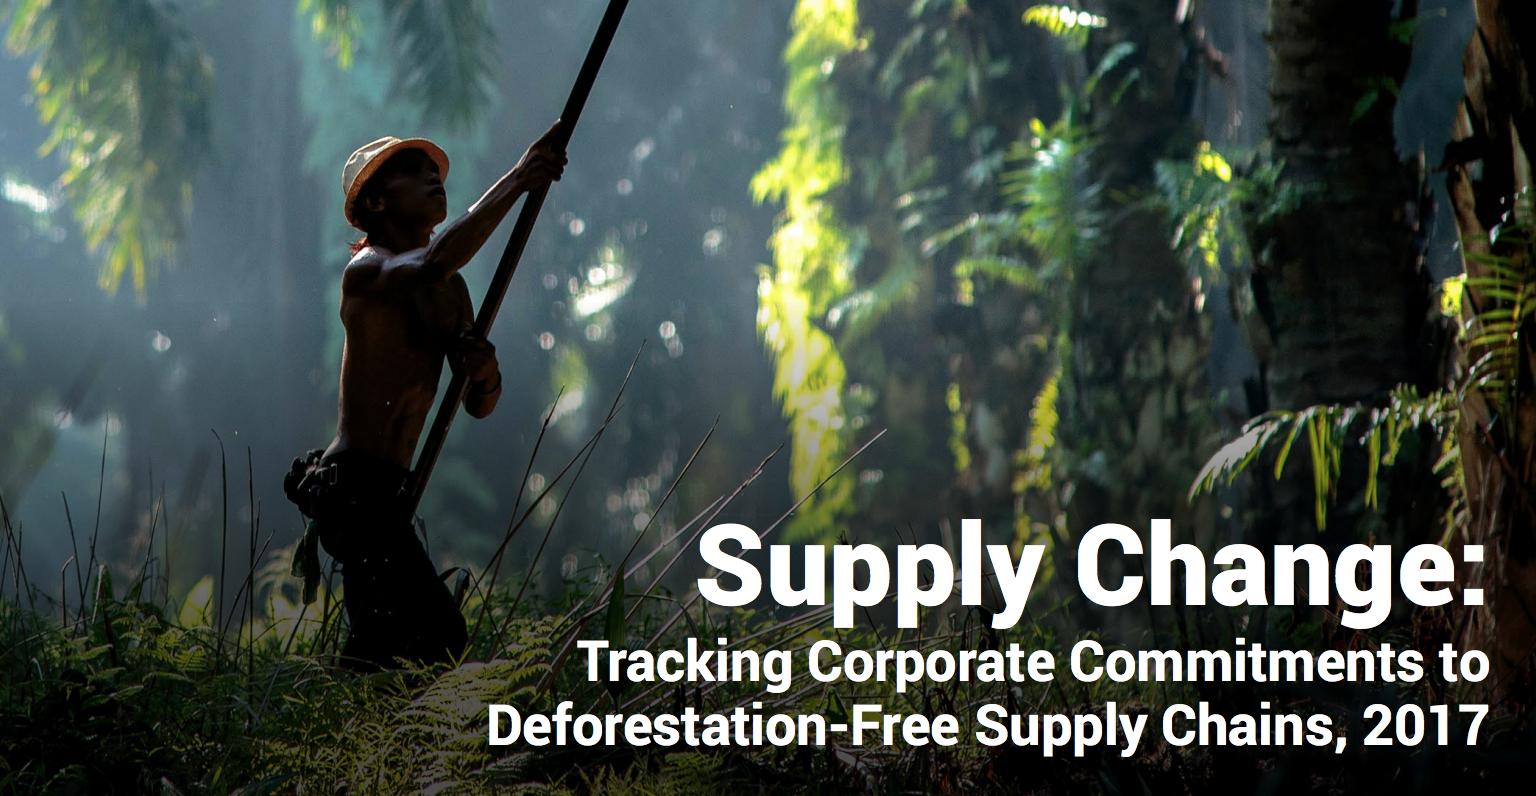 L'olio di palma è l'industria leader negli impegni per le foreste sostenibili